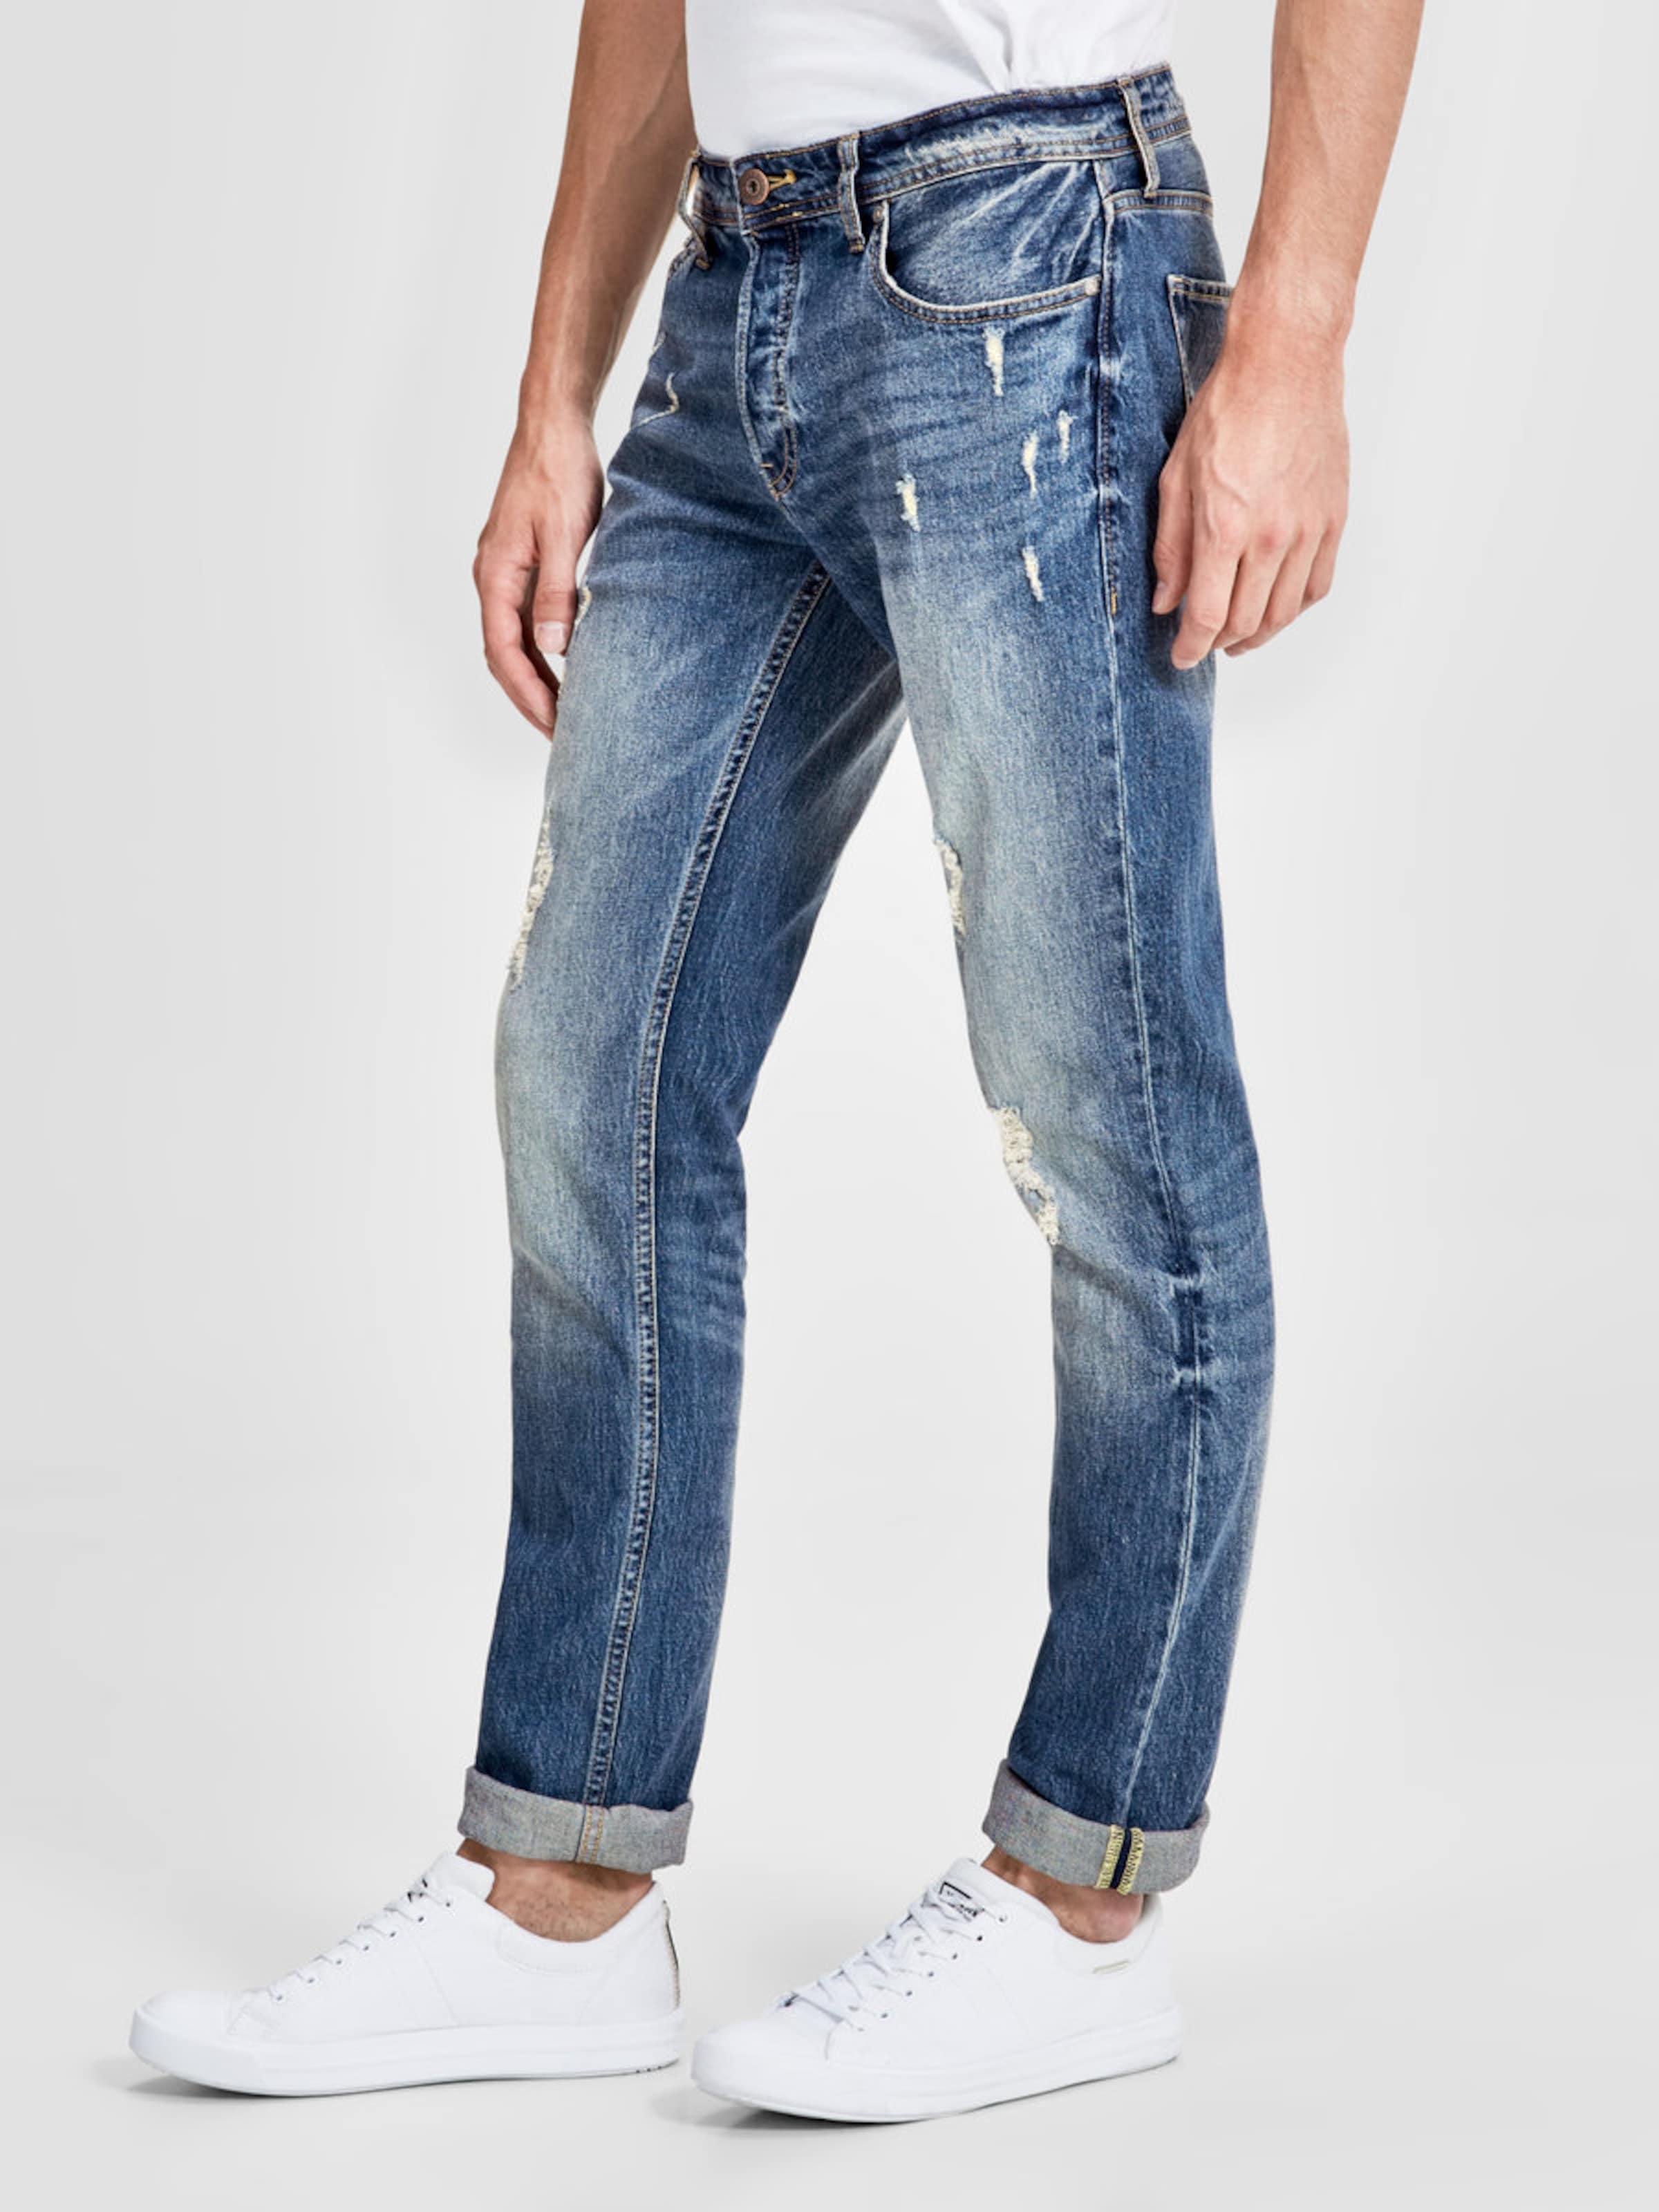 Countdown Paket Günstiger Preis Empfehlen JACK & JONES Slim Fit Jeans 'TIM ORIGINAL CR 004' Freies Verschiffen Bester Verkauf Offizielle Seite Günstig Online zQuBYt5